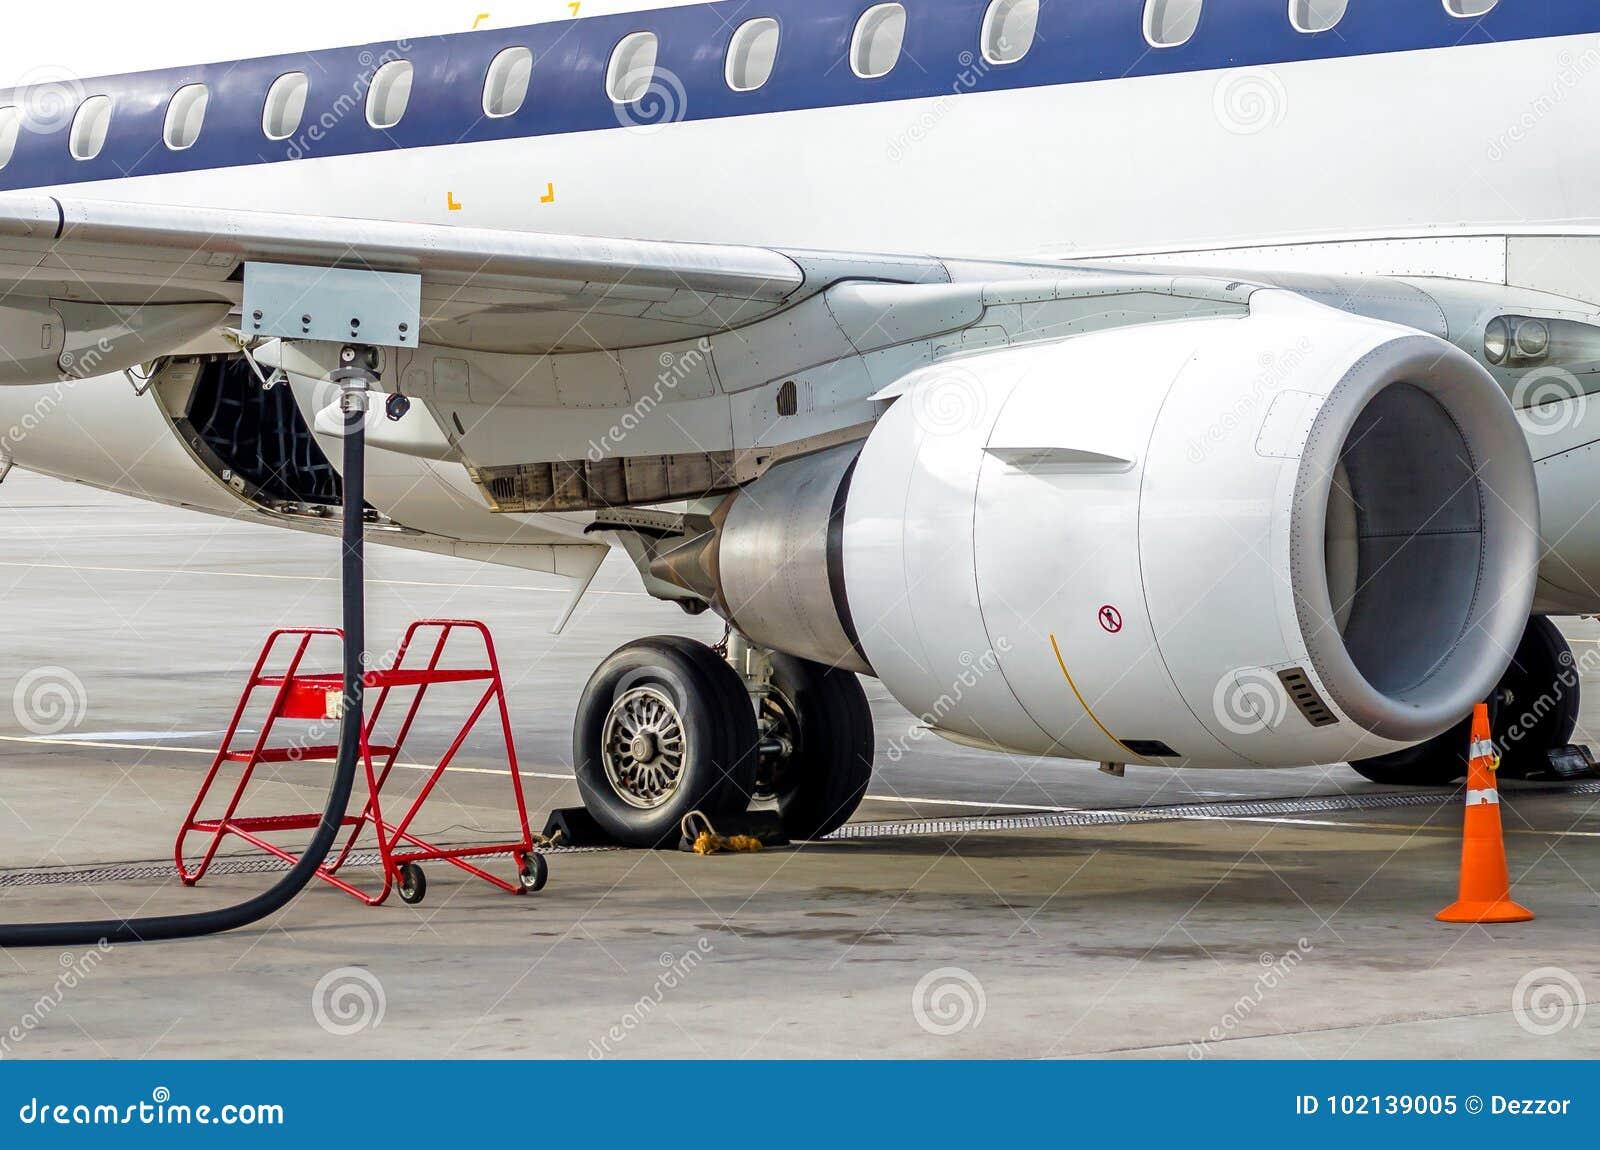 Het van brandstof voorzien van vliegtuigen, mening van de vleugel, slang, motor De luchthavendienst